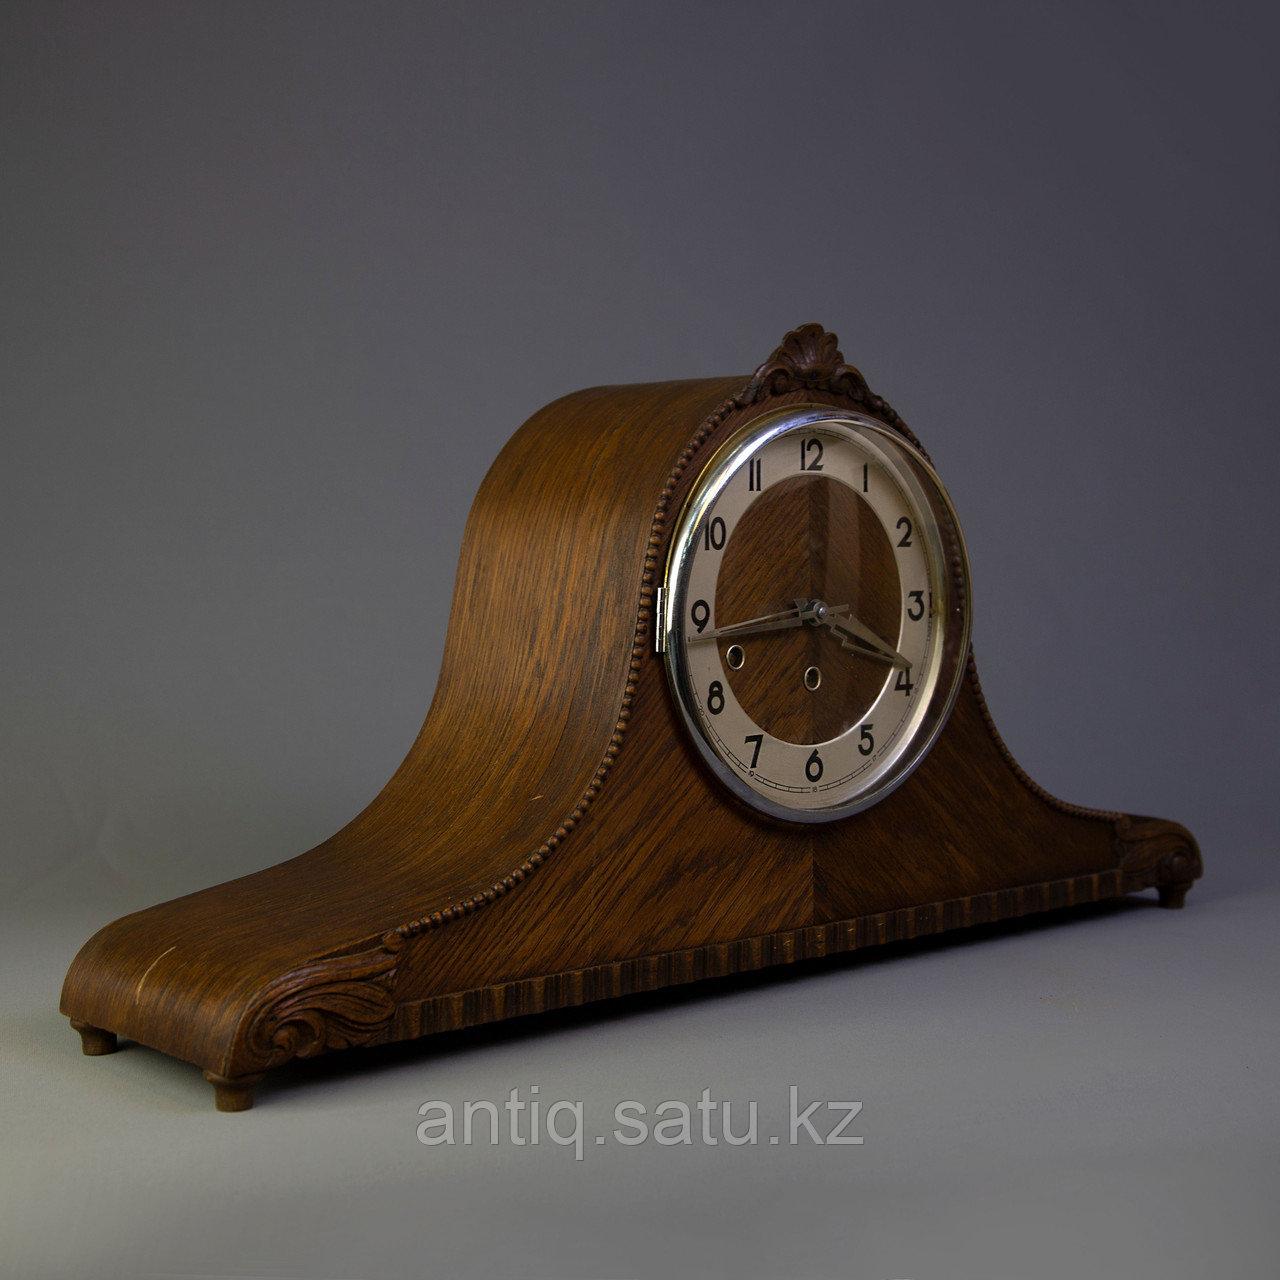 Настольные часы, Германия, I пол. ХХ века. - фото 2